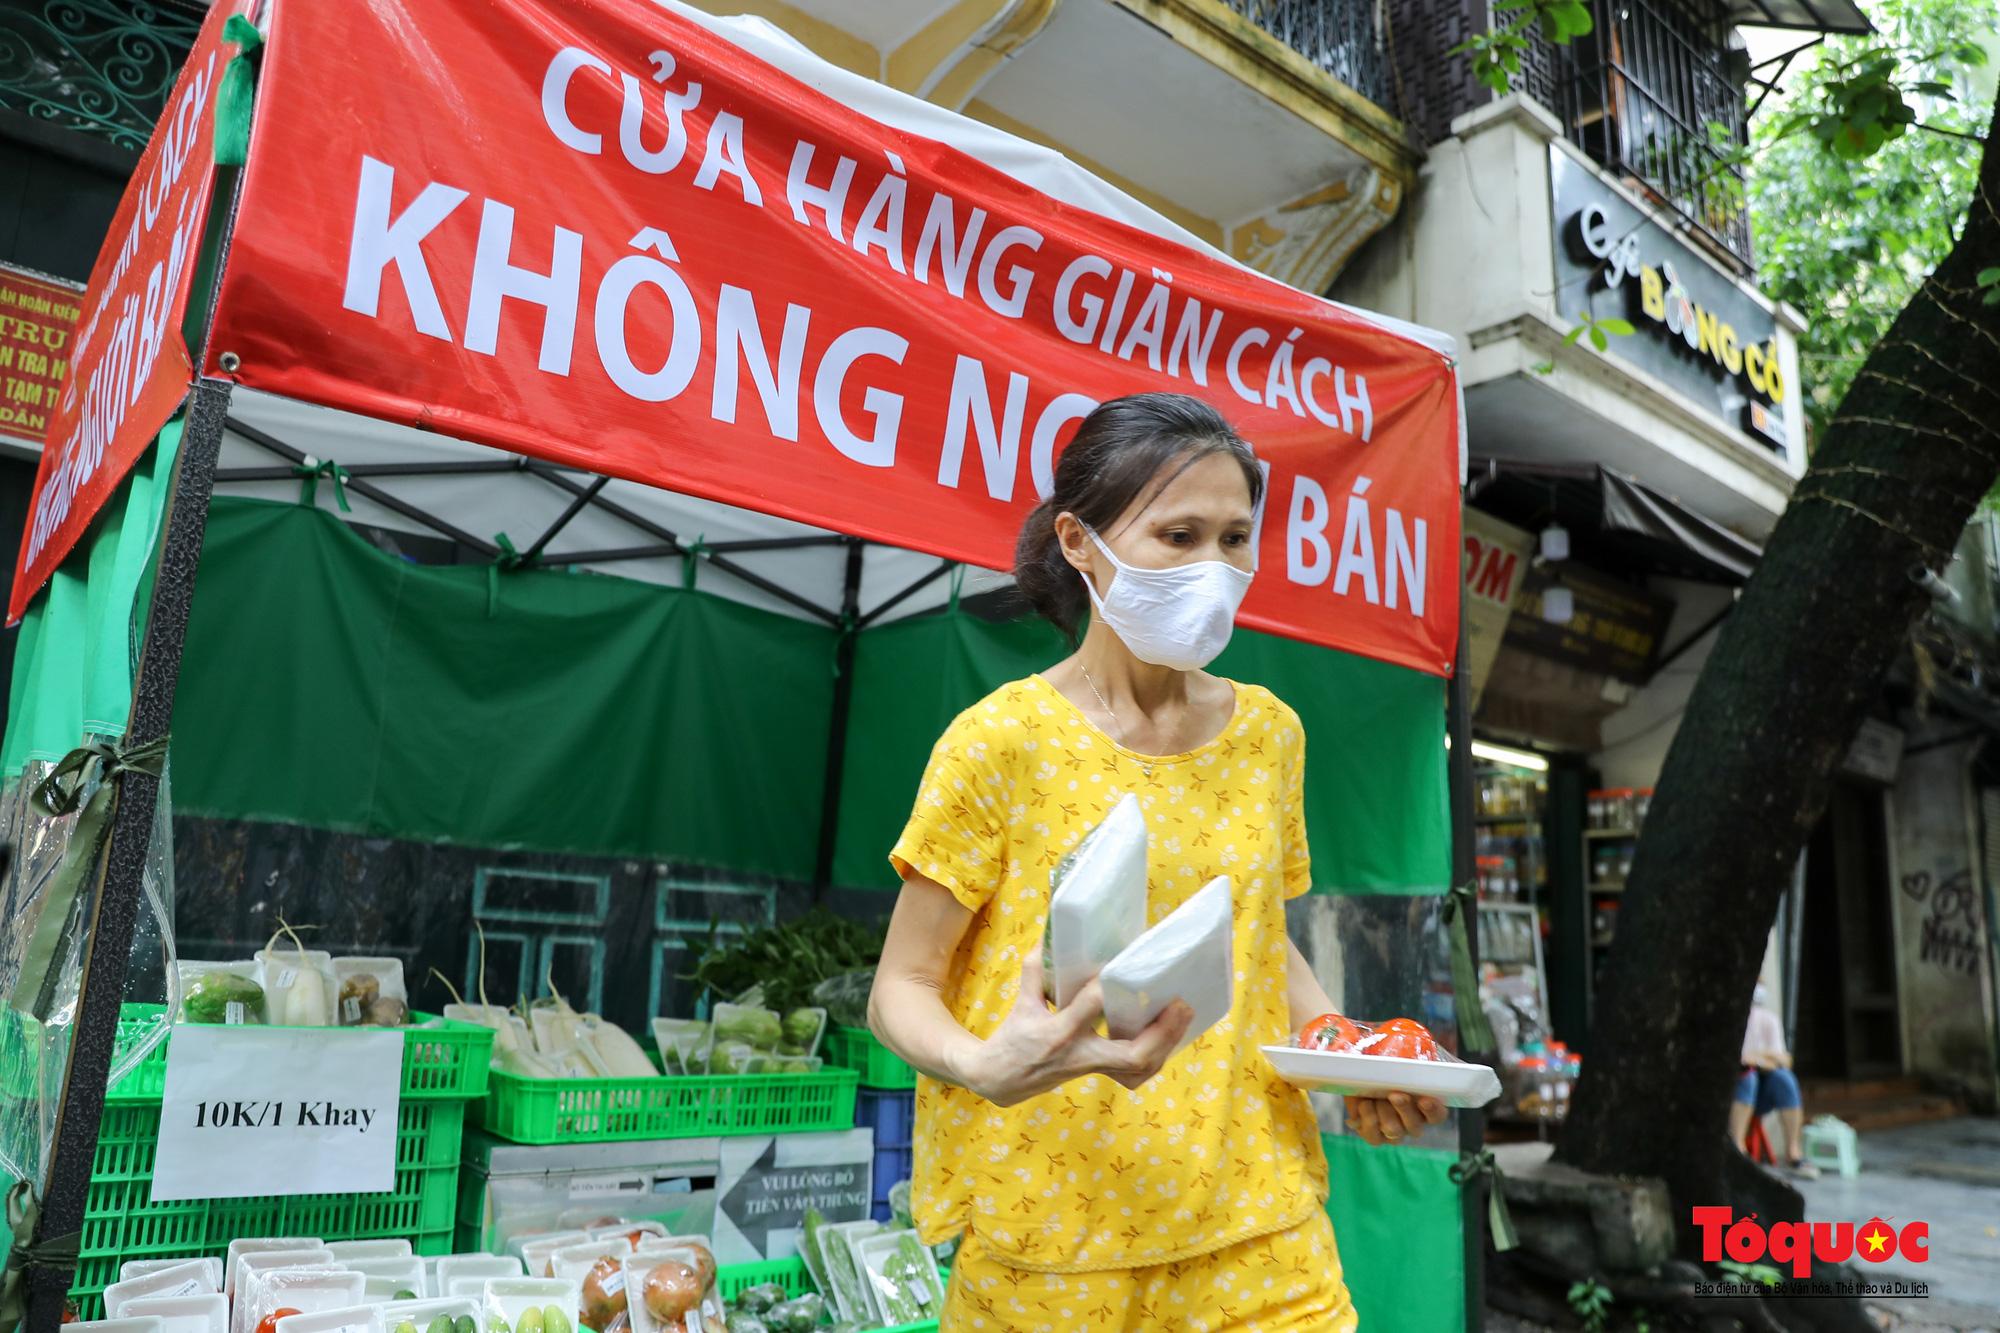 Hà Nội: Cửa hàng thiết yếu không người bán, người mua cũng không cần phải trả tiền ngay - Ảnh 8.